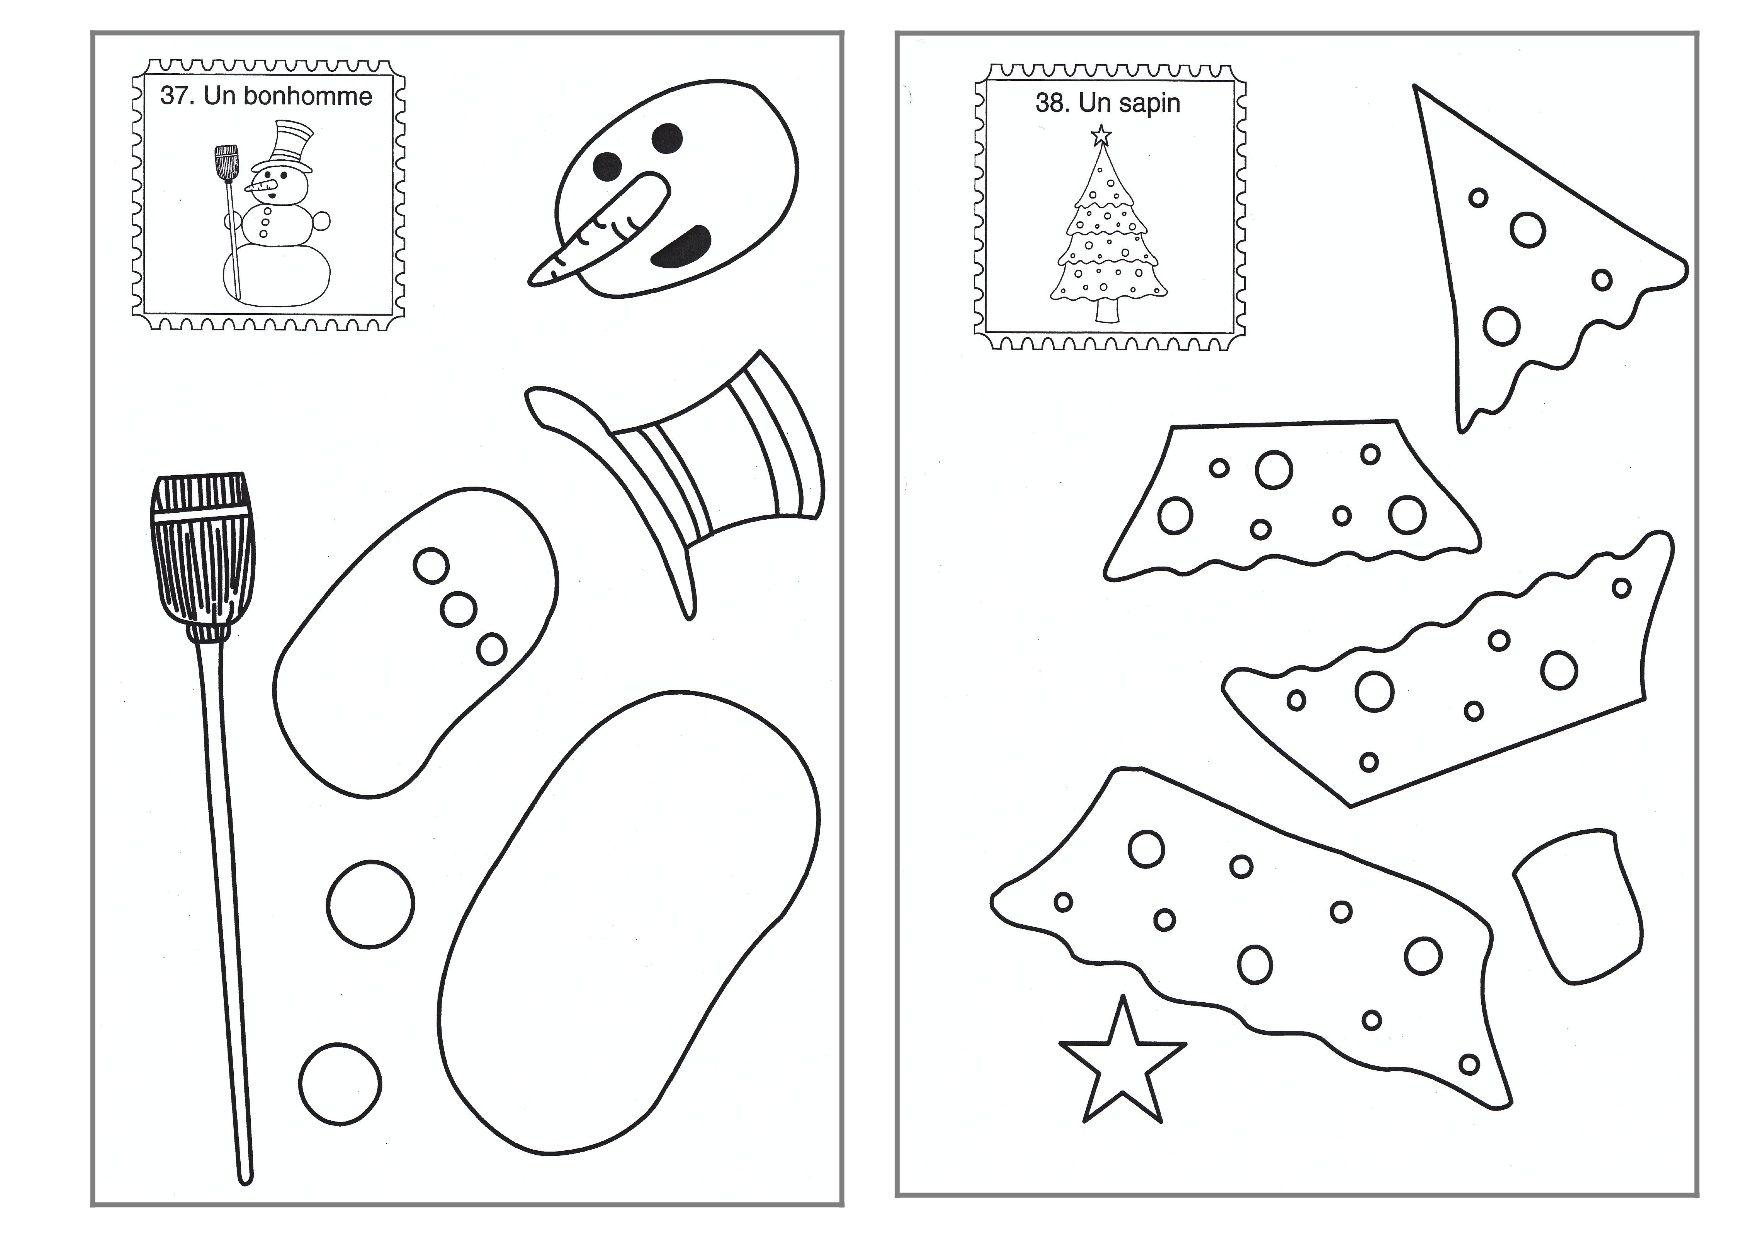 Découpage/collage De Noël | Animation Noel, Noel Maternelle intérieur Découpage Collage Maternelle À Imprimer